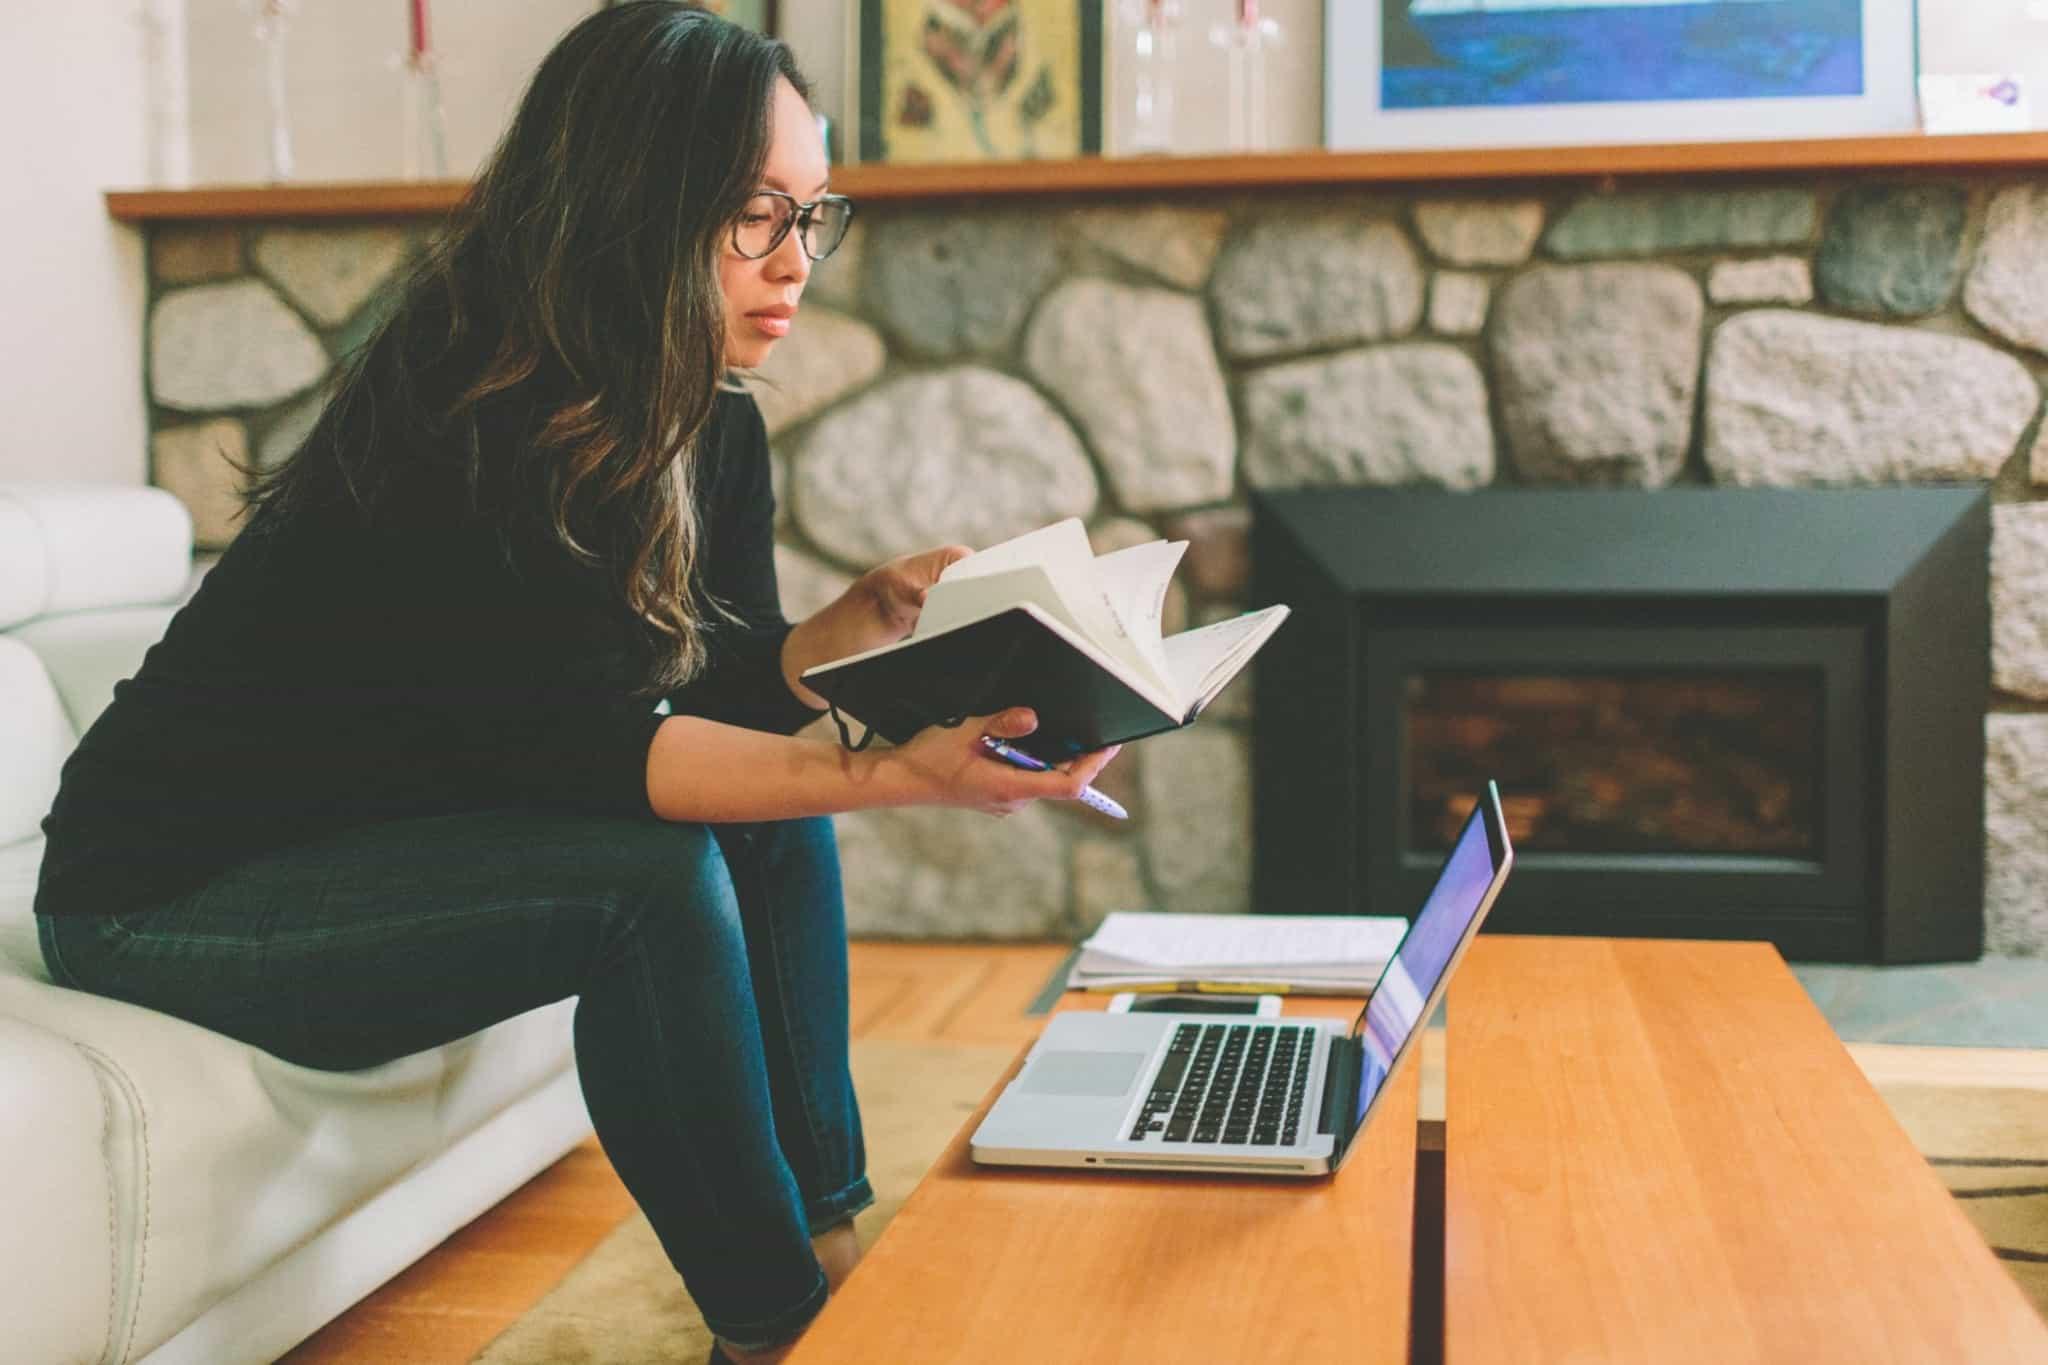 rapariga a trabalhar em casa sentada no sofá e com o computador em cima da mesa